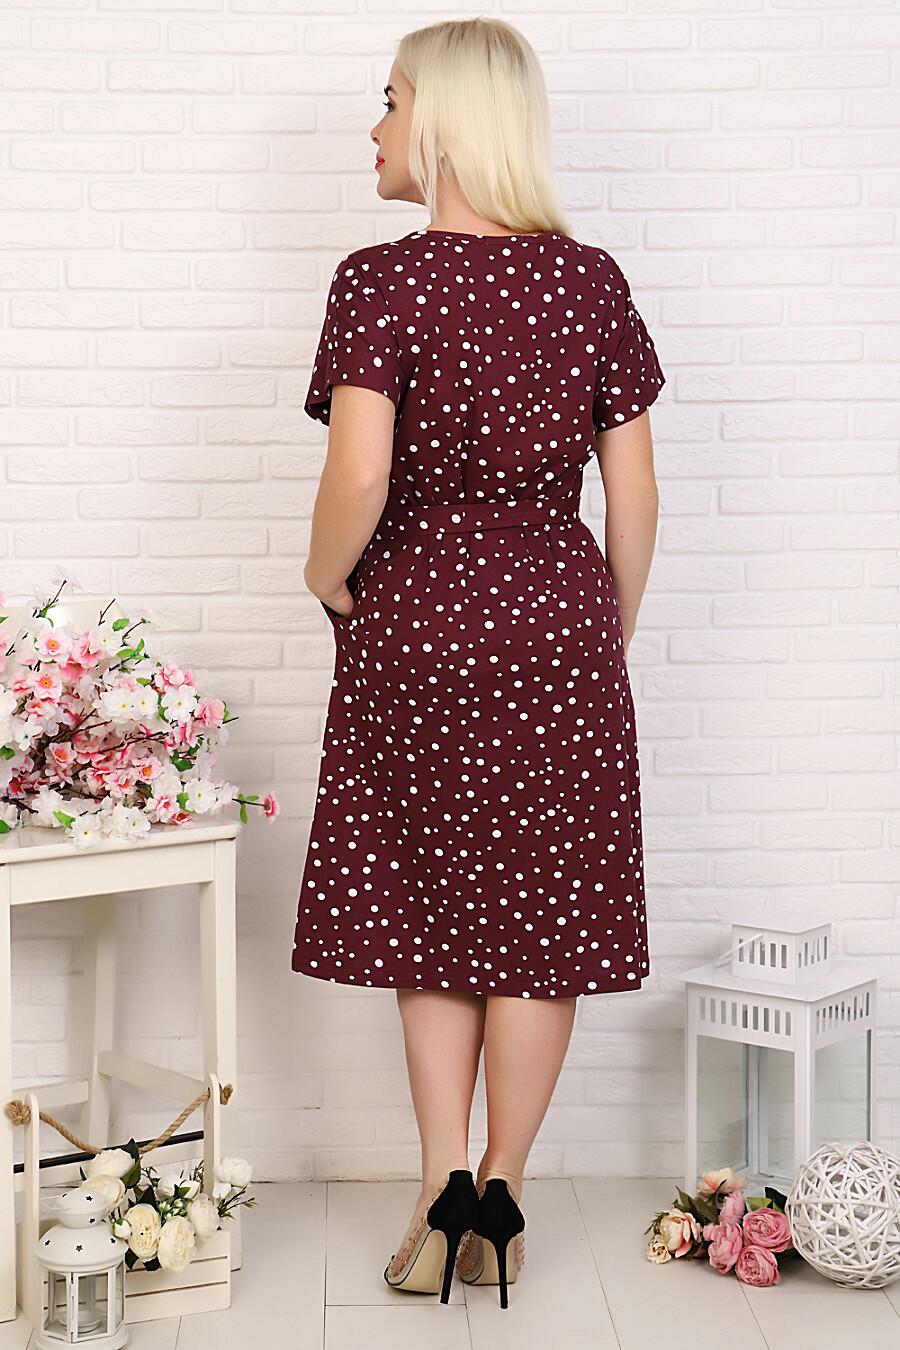 Платье 6934 для женщин НАТАЛИ 288428 купить оптом от производителя. Совместная покупка женской одежды в OptMoyo